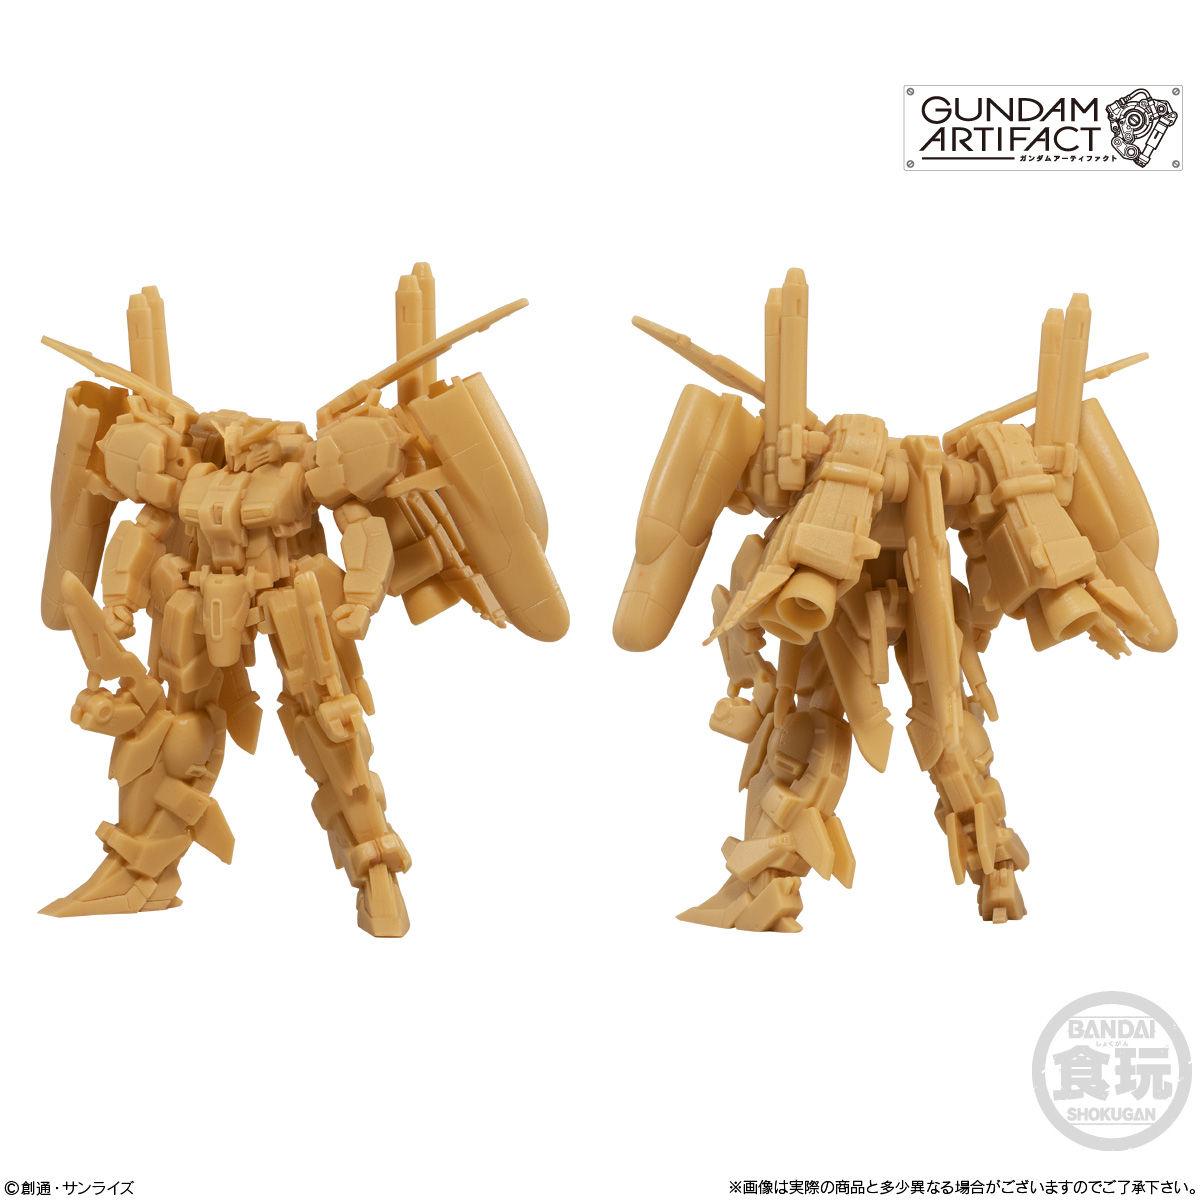 【食玩】機動戦士ガンダム『ガンダムアーティファクト』プラ製ミニキット 10個入りBOX-005